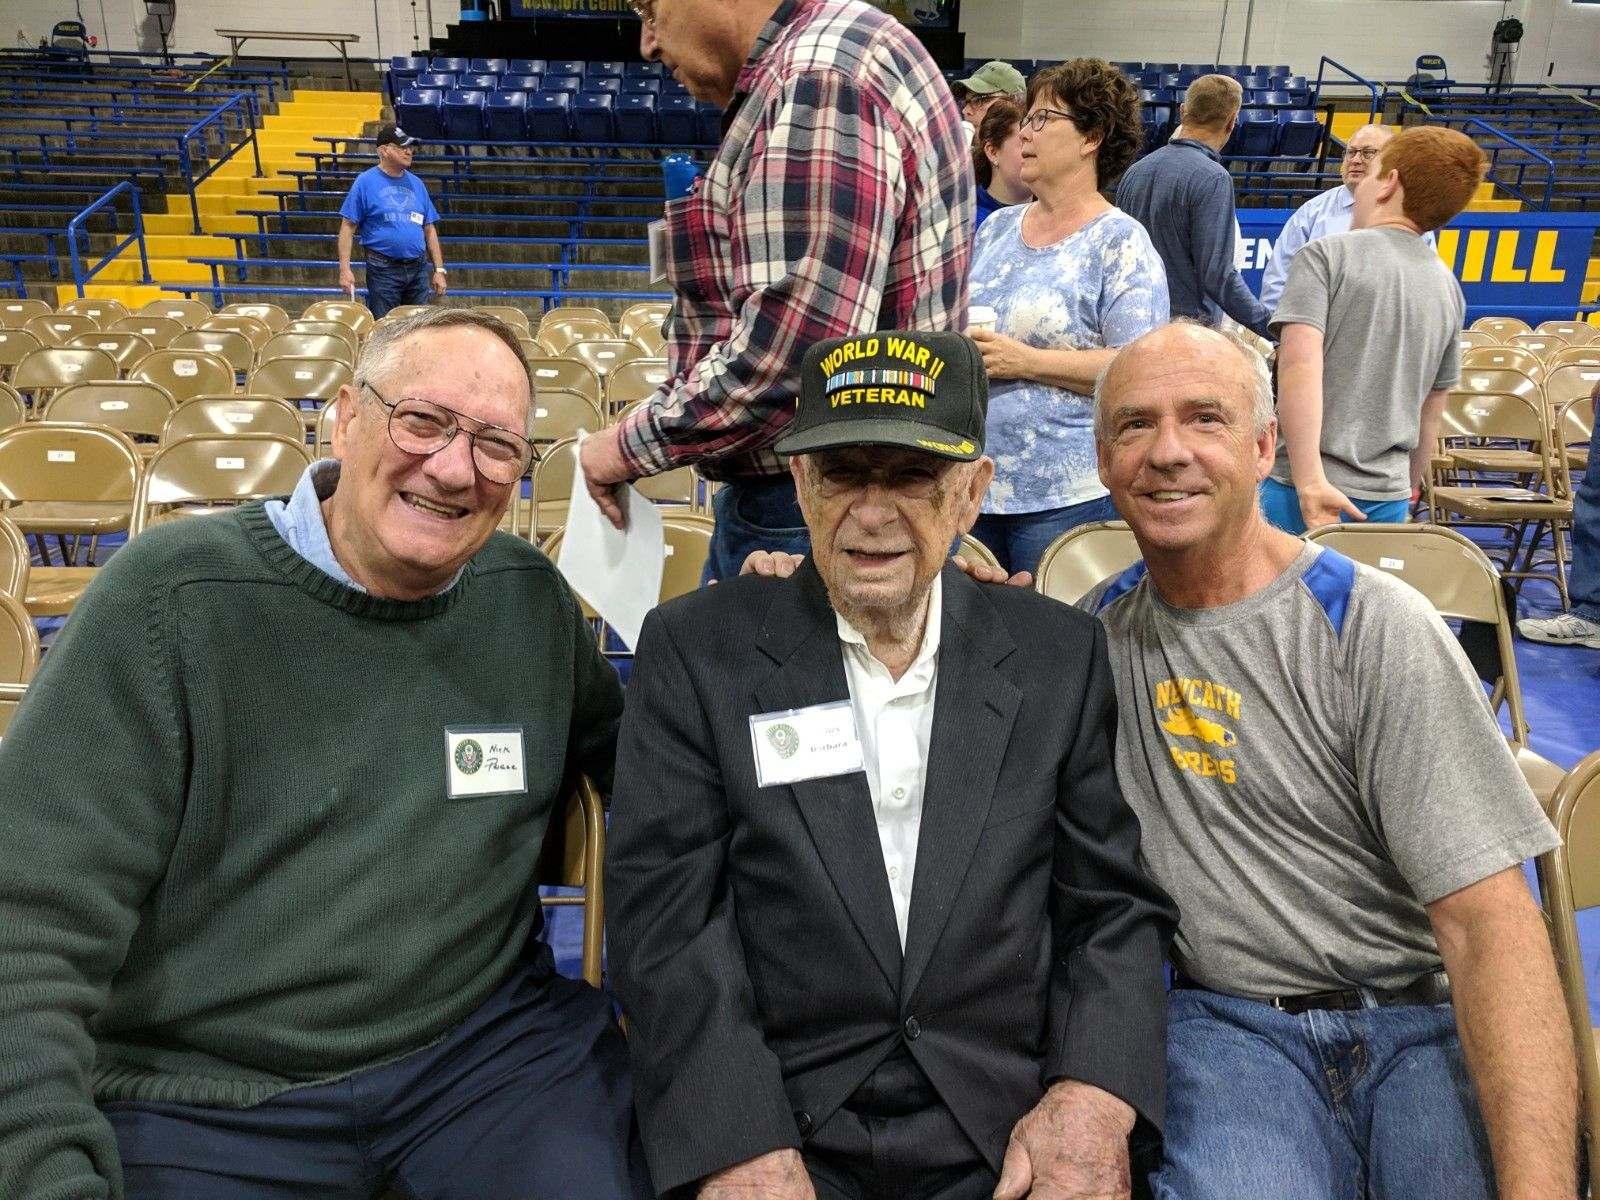 veterans27.jpg